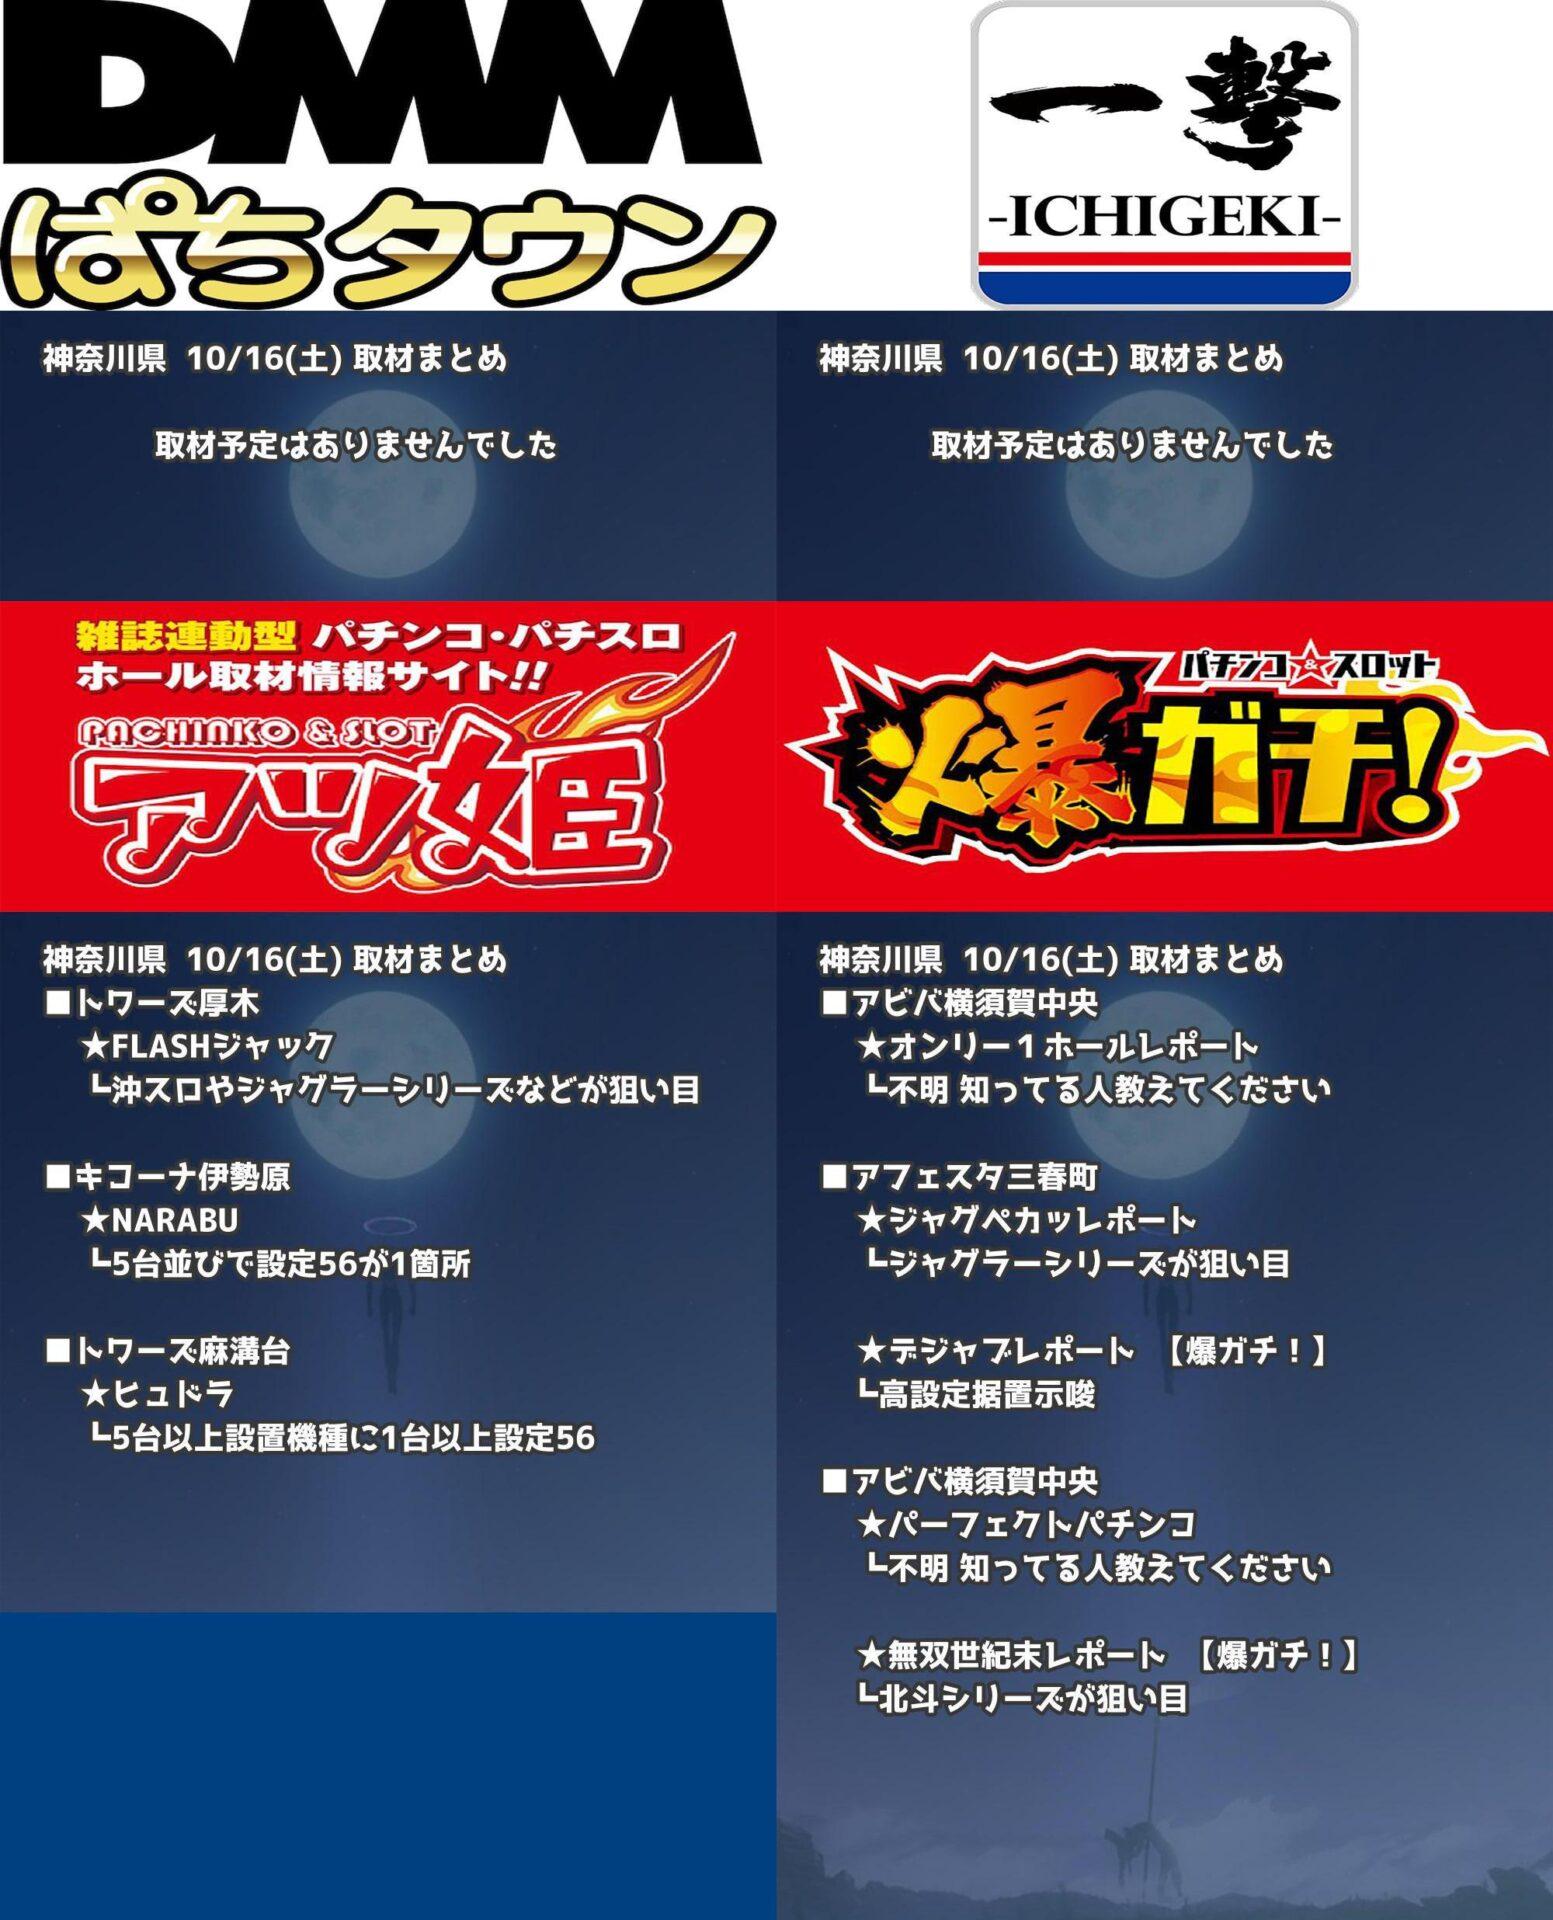 神奈川県_2021-10-16_パチンコ・パチスロ_イベント